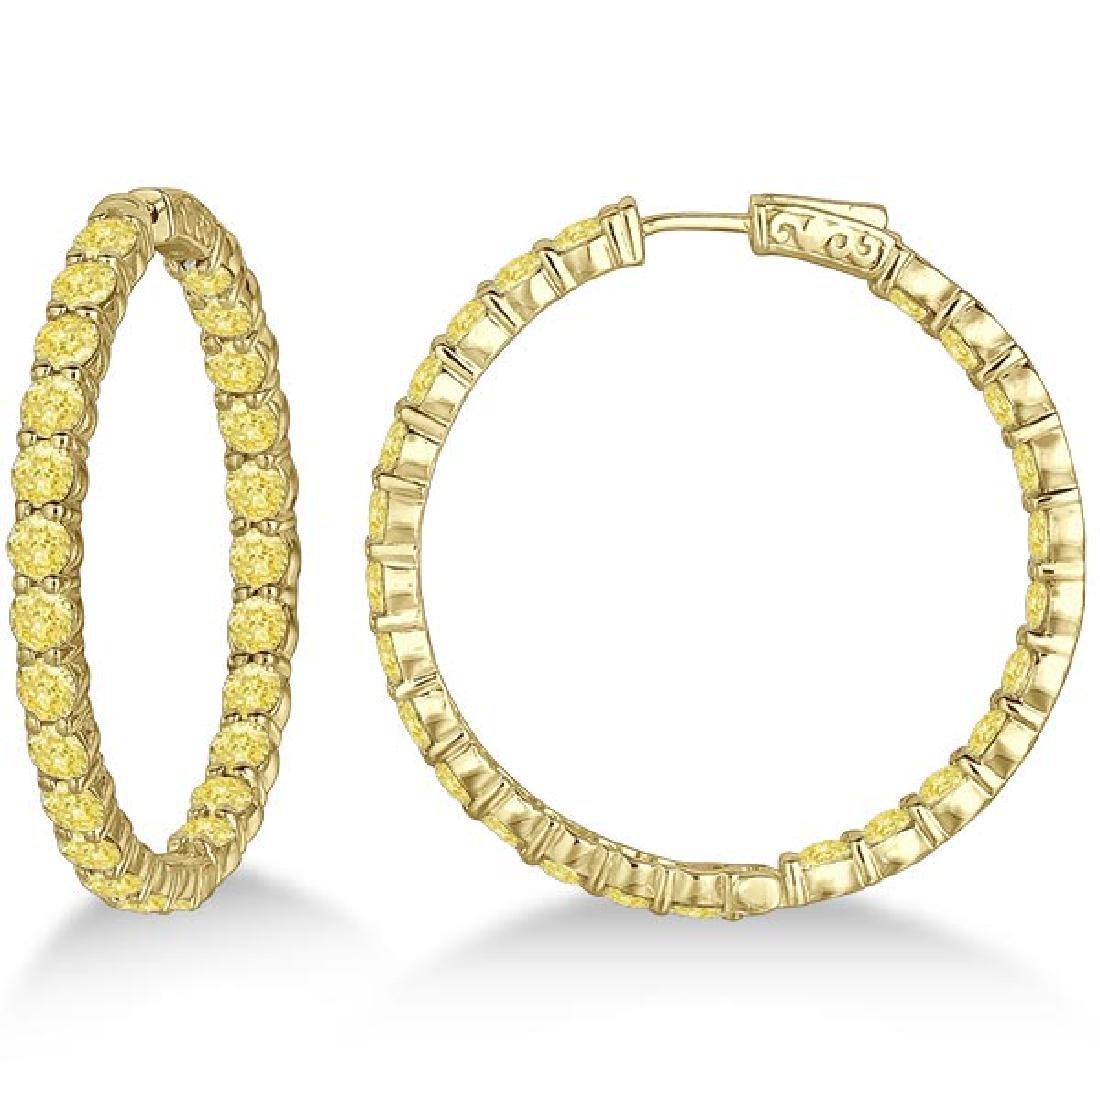 Fancy Yellow Canary Diamond Hoop Earrings 14k Yellow Go